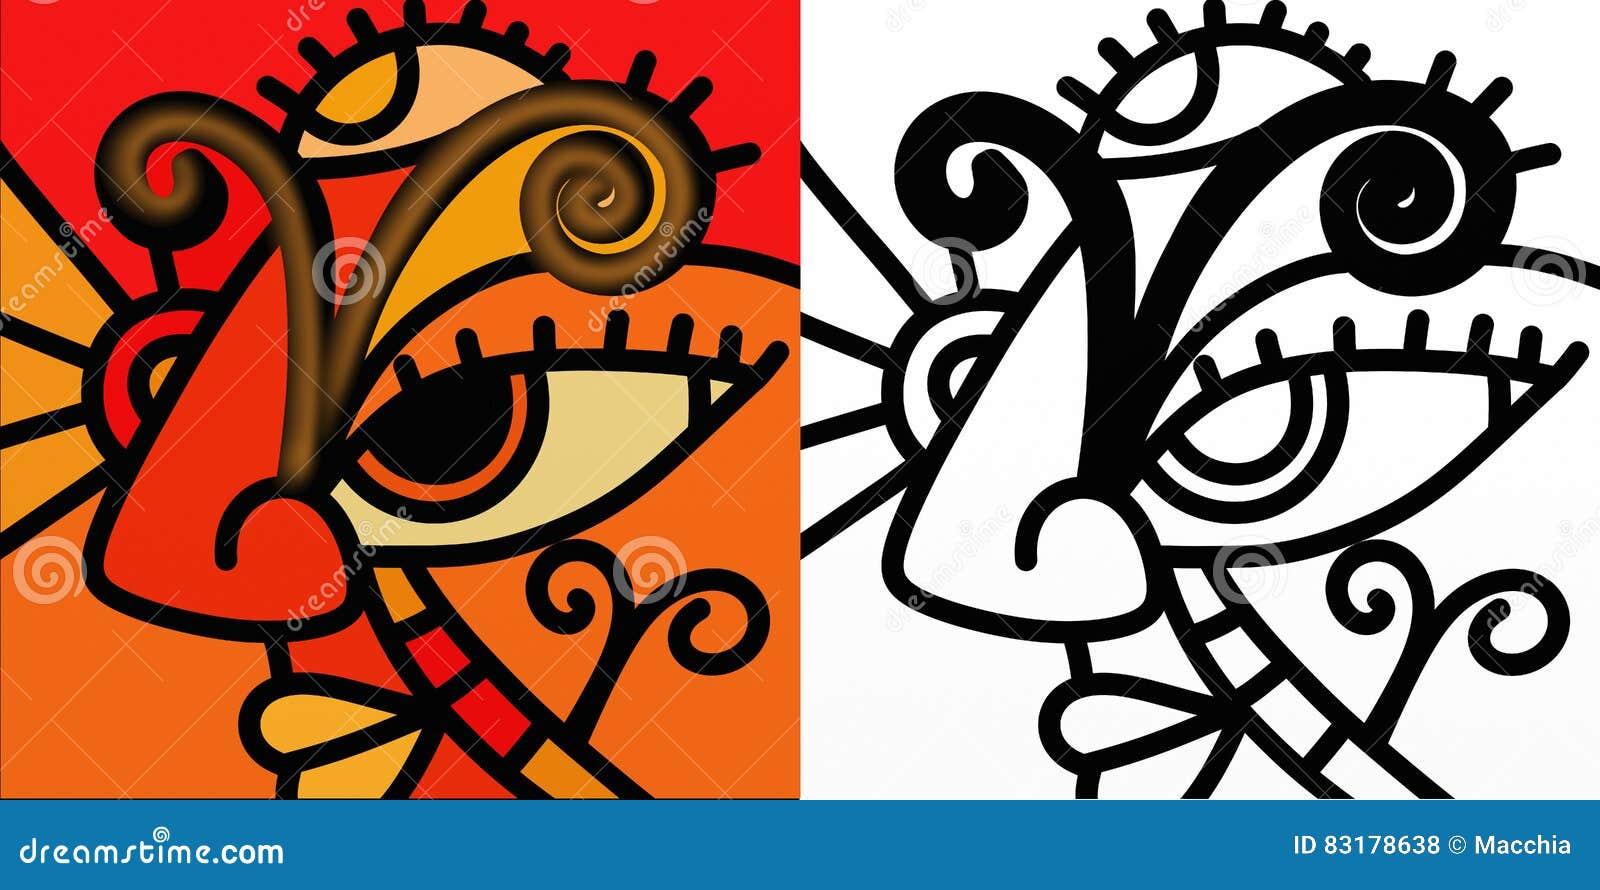 abstraktes sternzeichen widder stock abbildung illustration von element sterne 83178638. Black Bedroom Furniture Sets. Home Design Ideas